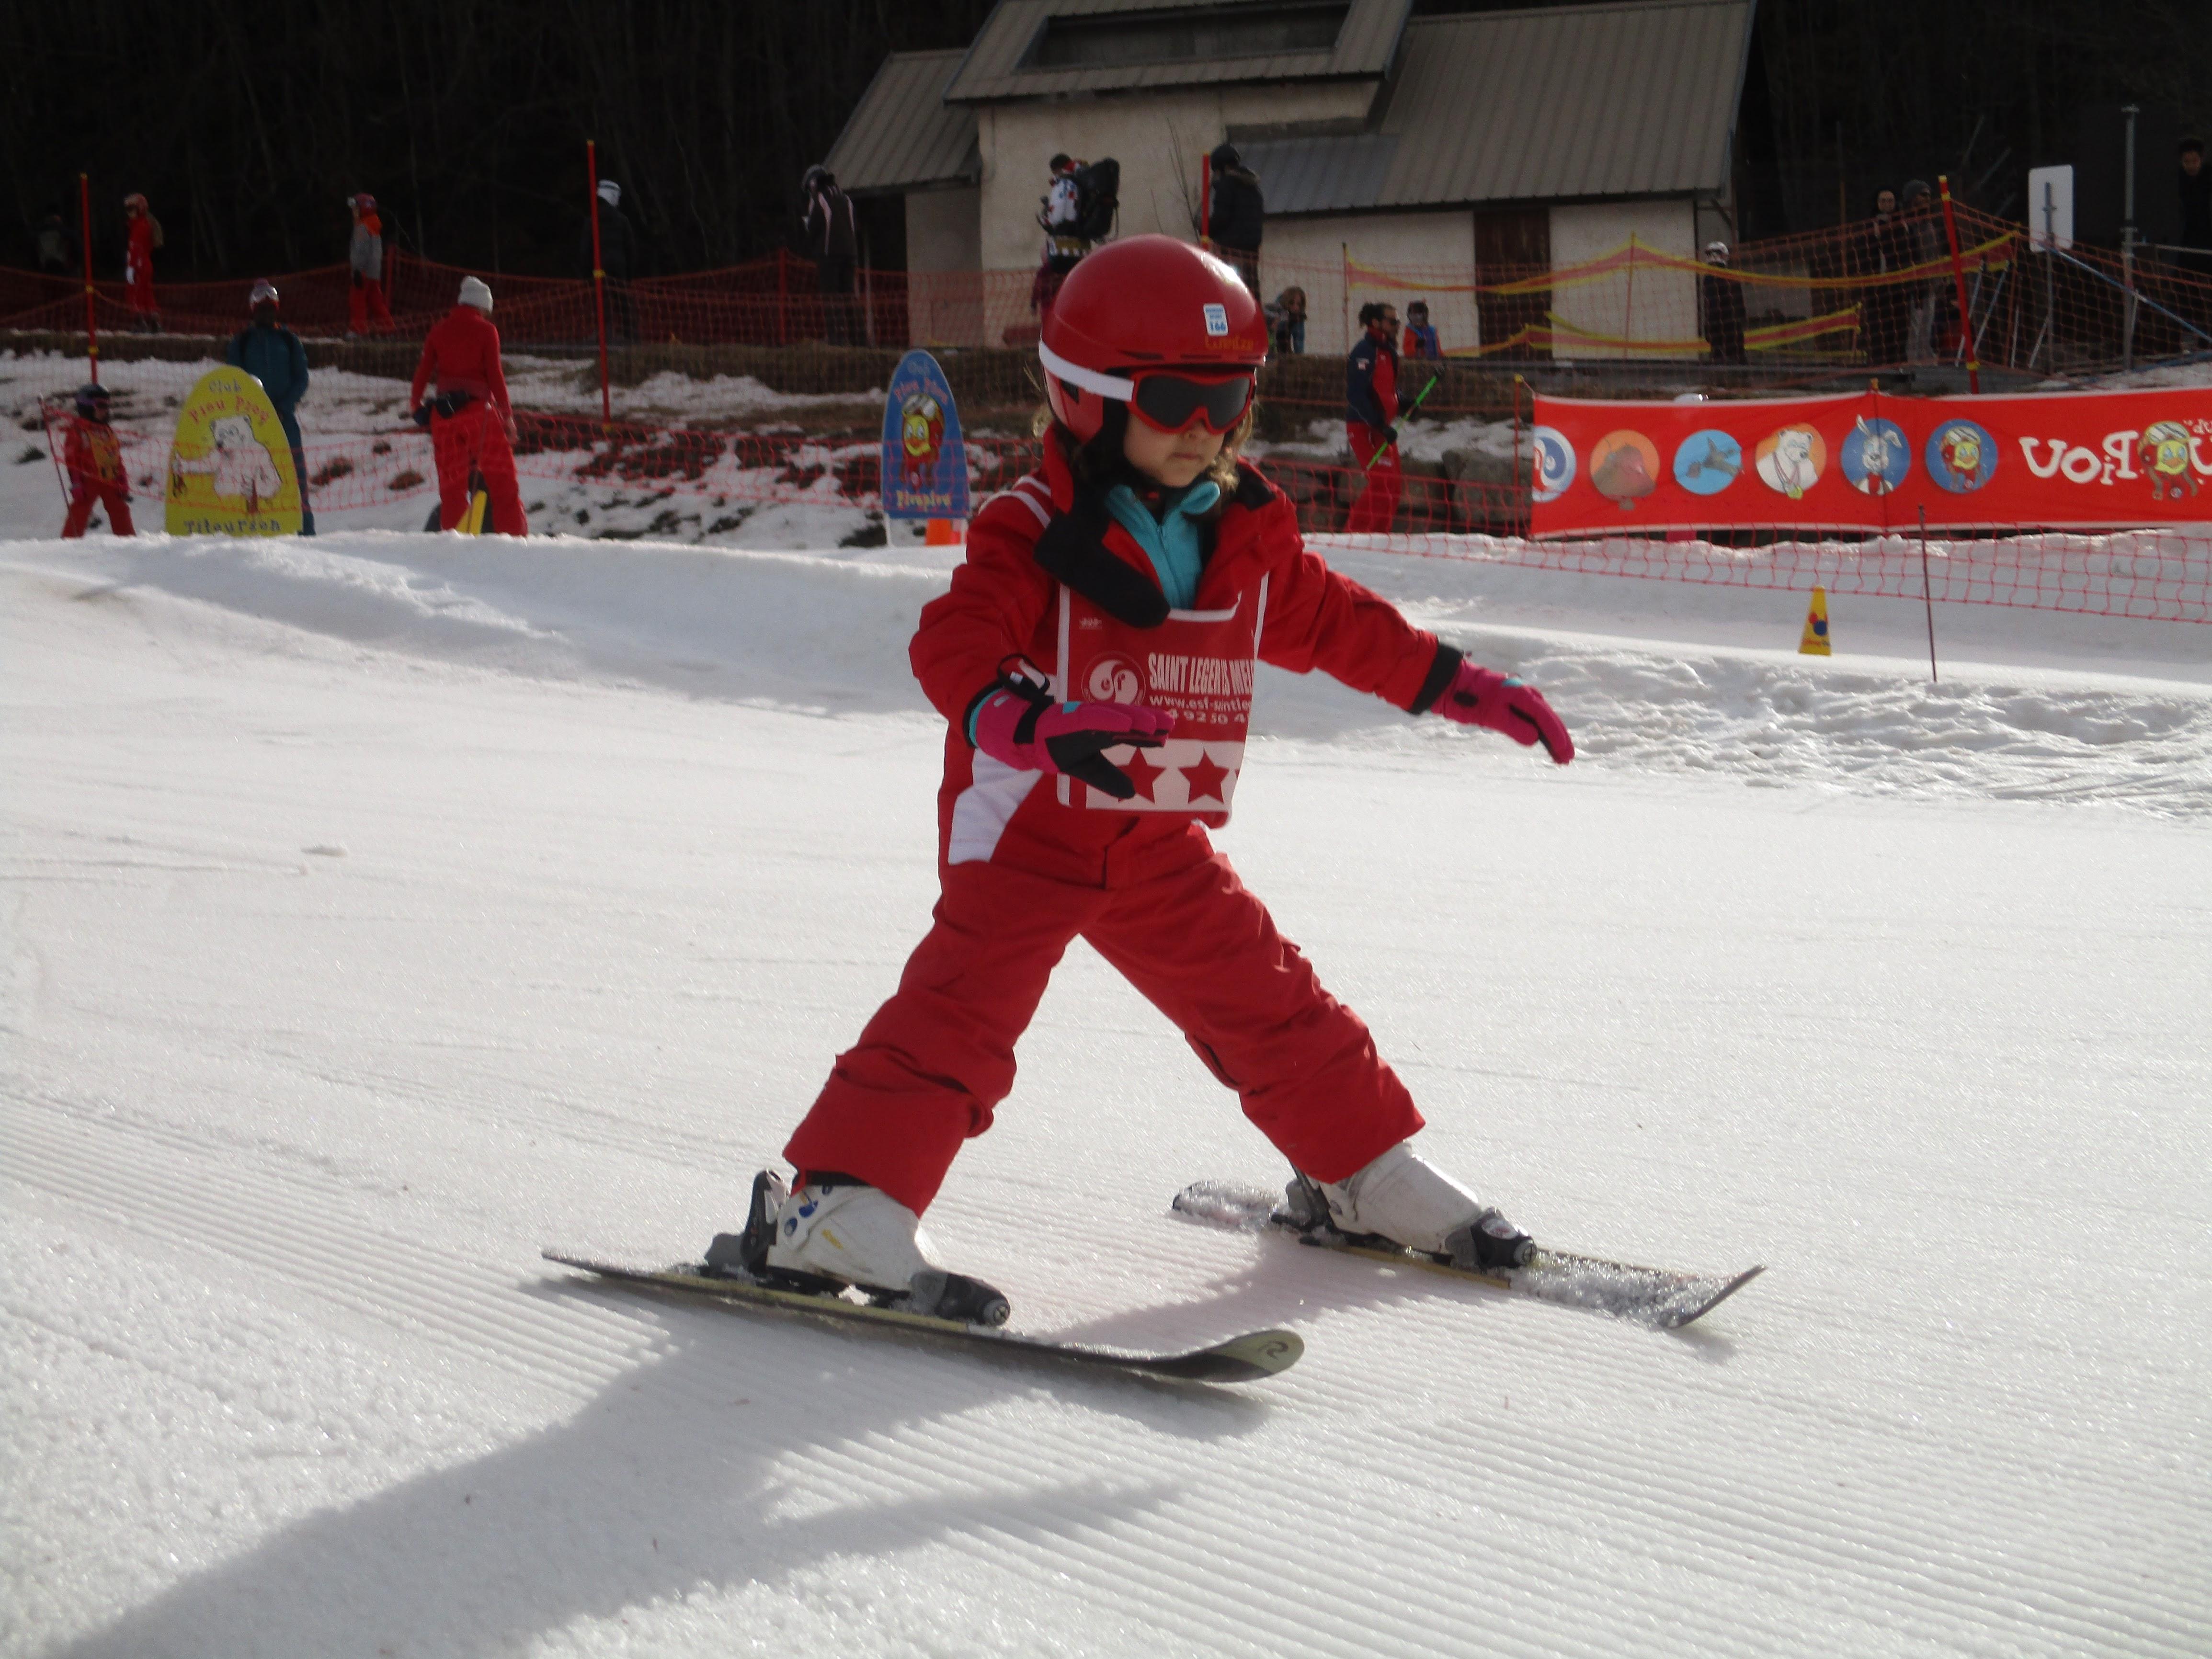 Enfant de 6 ans pratiquant le ski en colonie de vacances